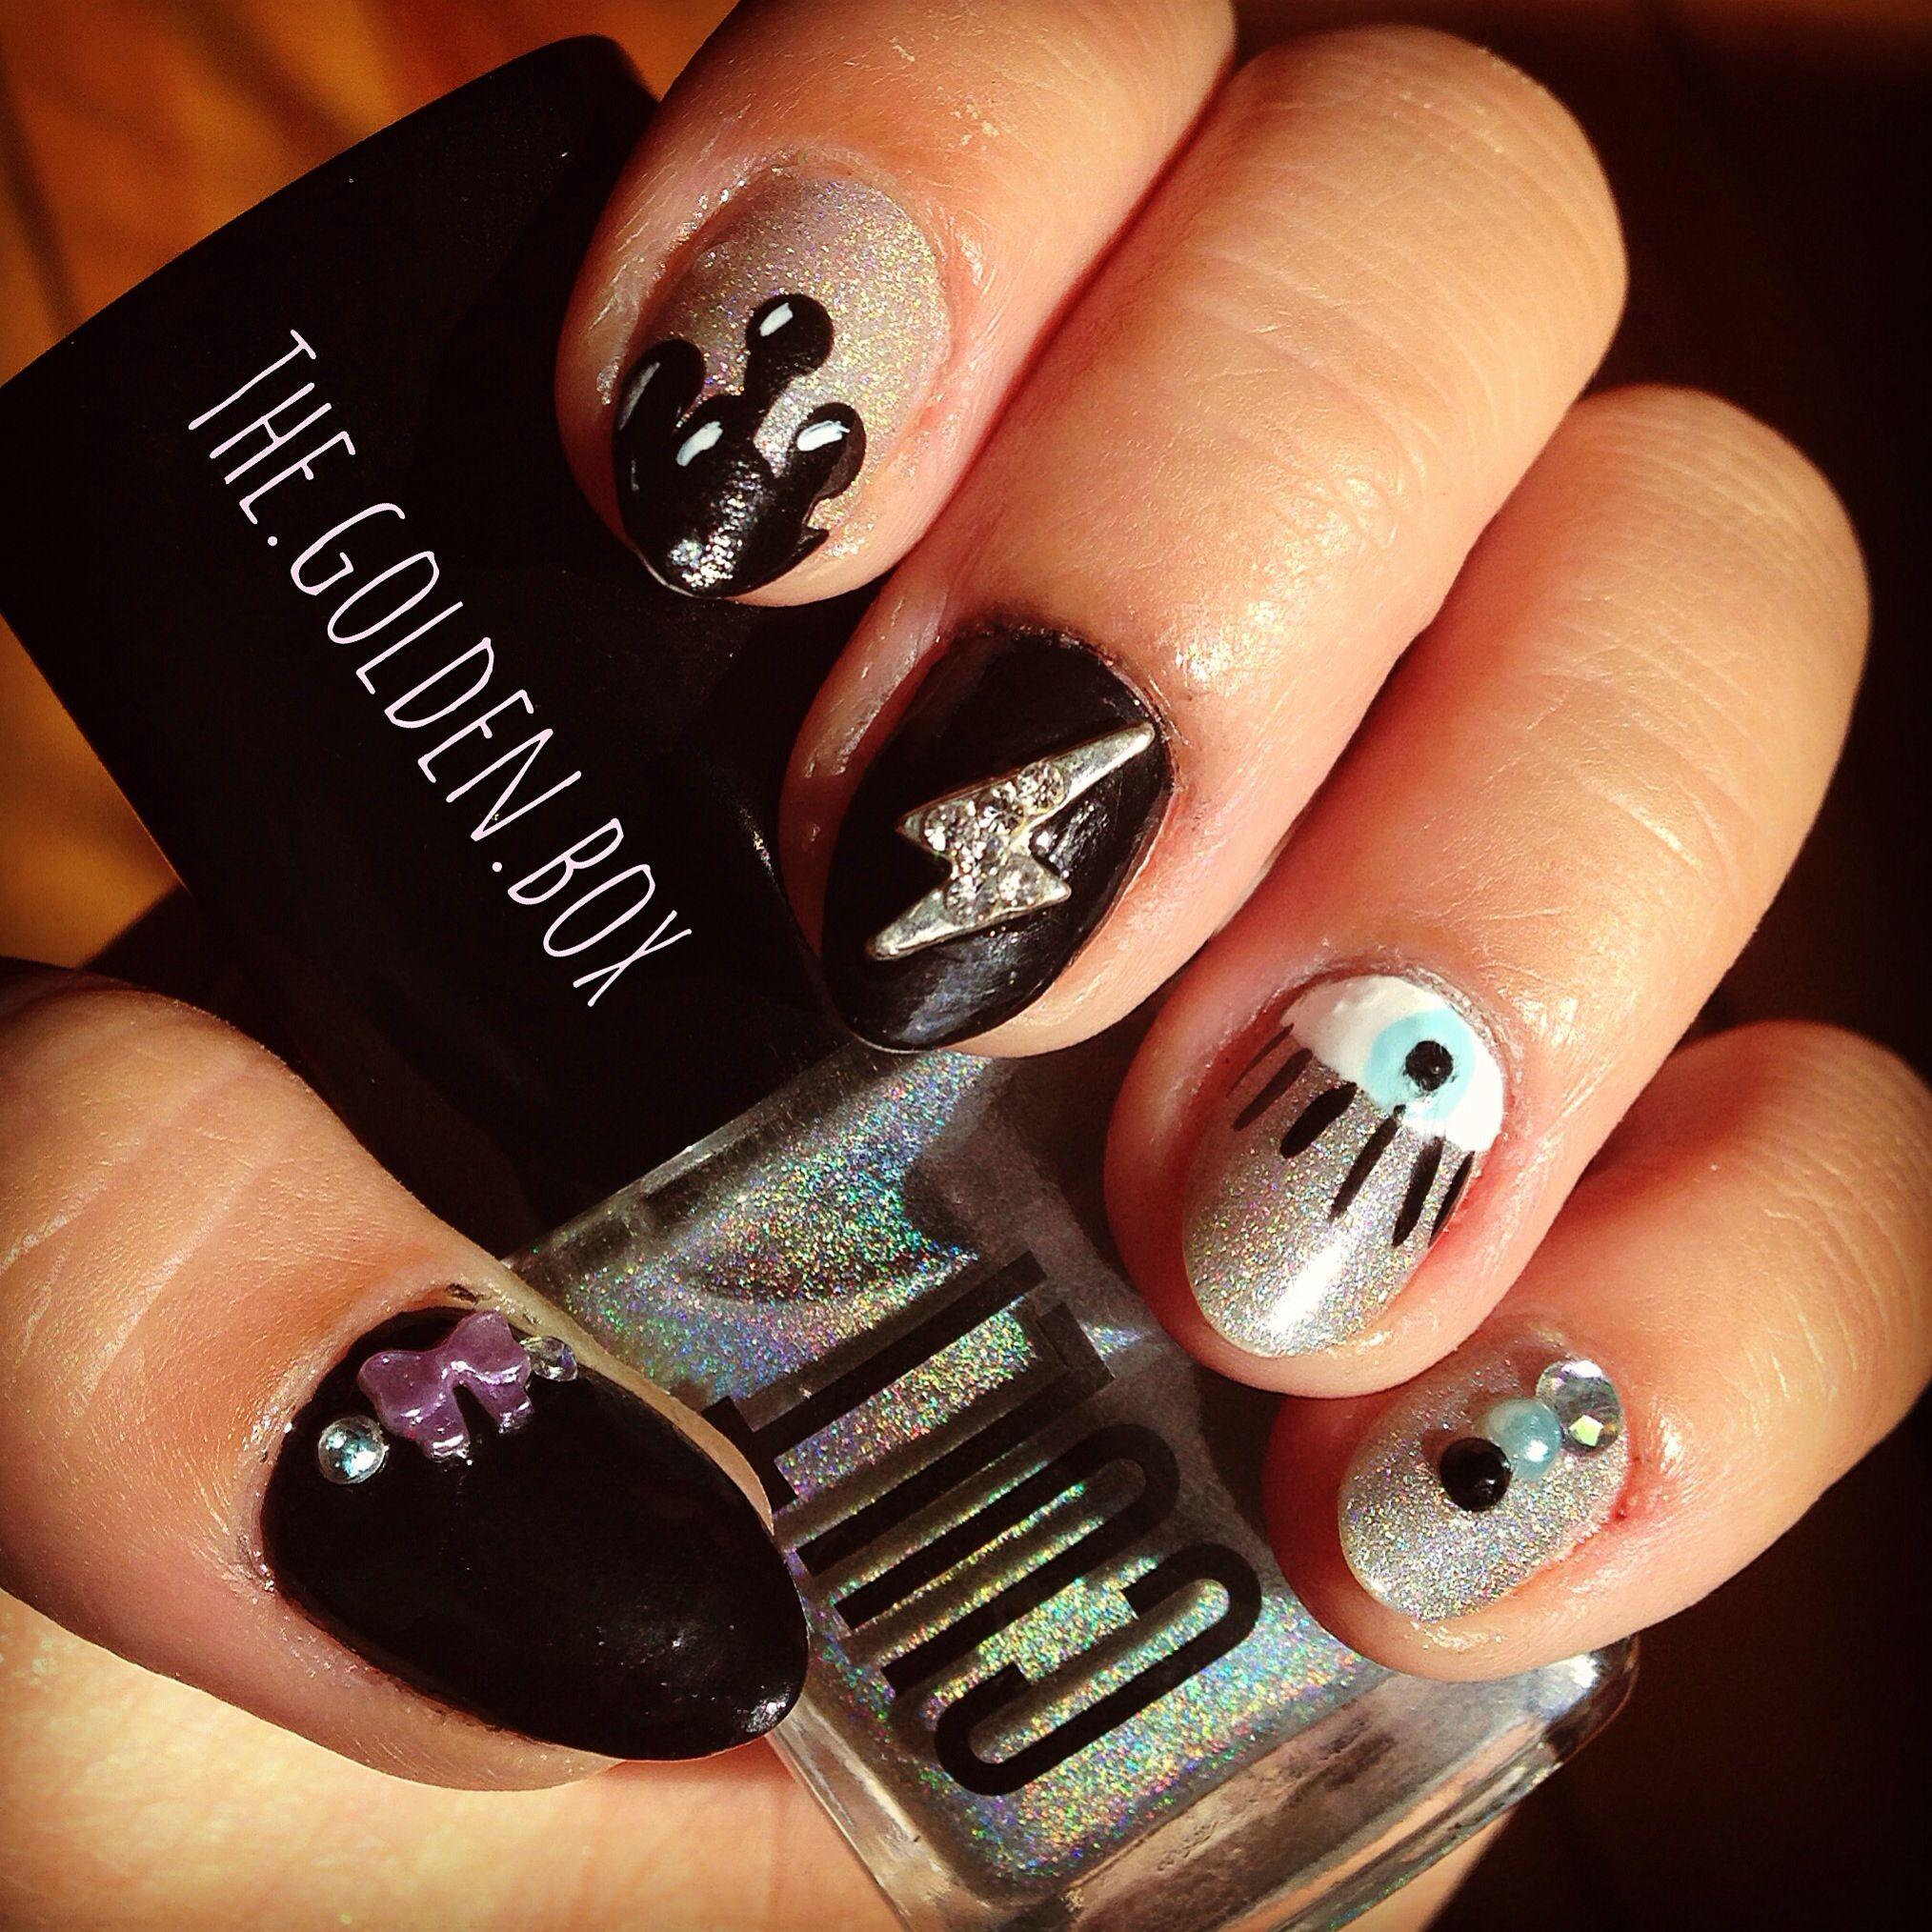 Edgy nail art | Nails | Pinterest | Edgy nail art and Edgy nails